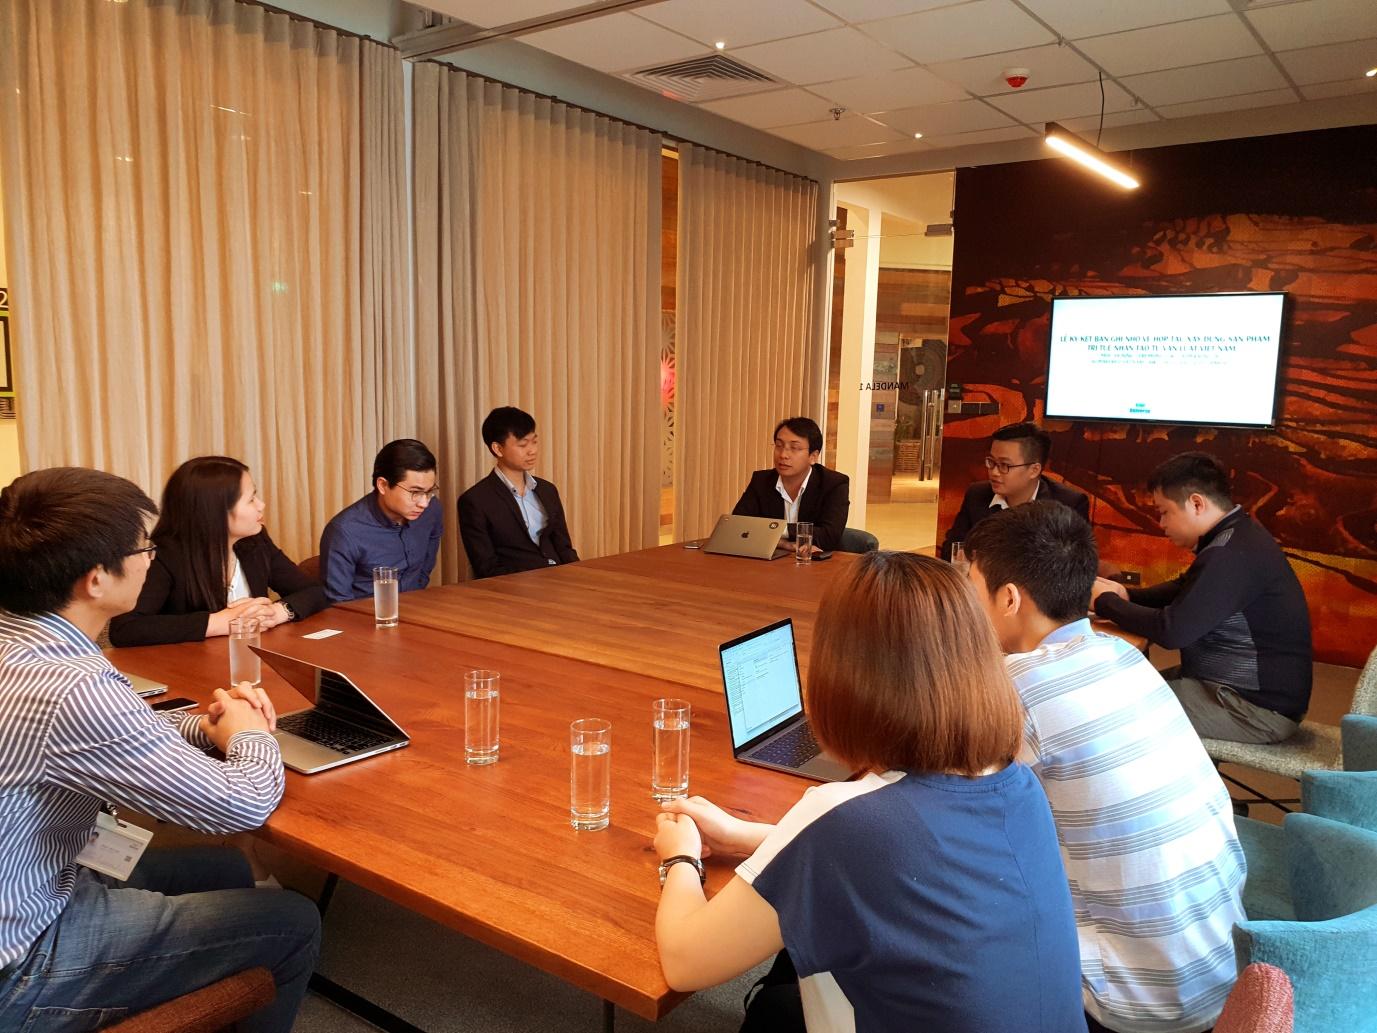 Sản phẩm công nghệ trí tuệ nhân tạo AI trong tư vấn luật tại Việt Nam